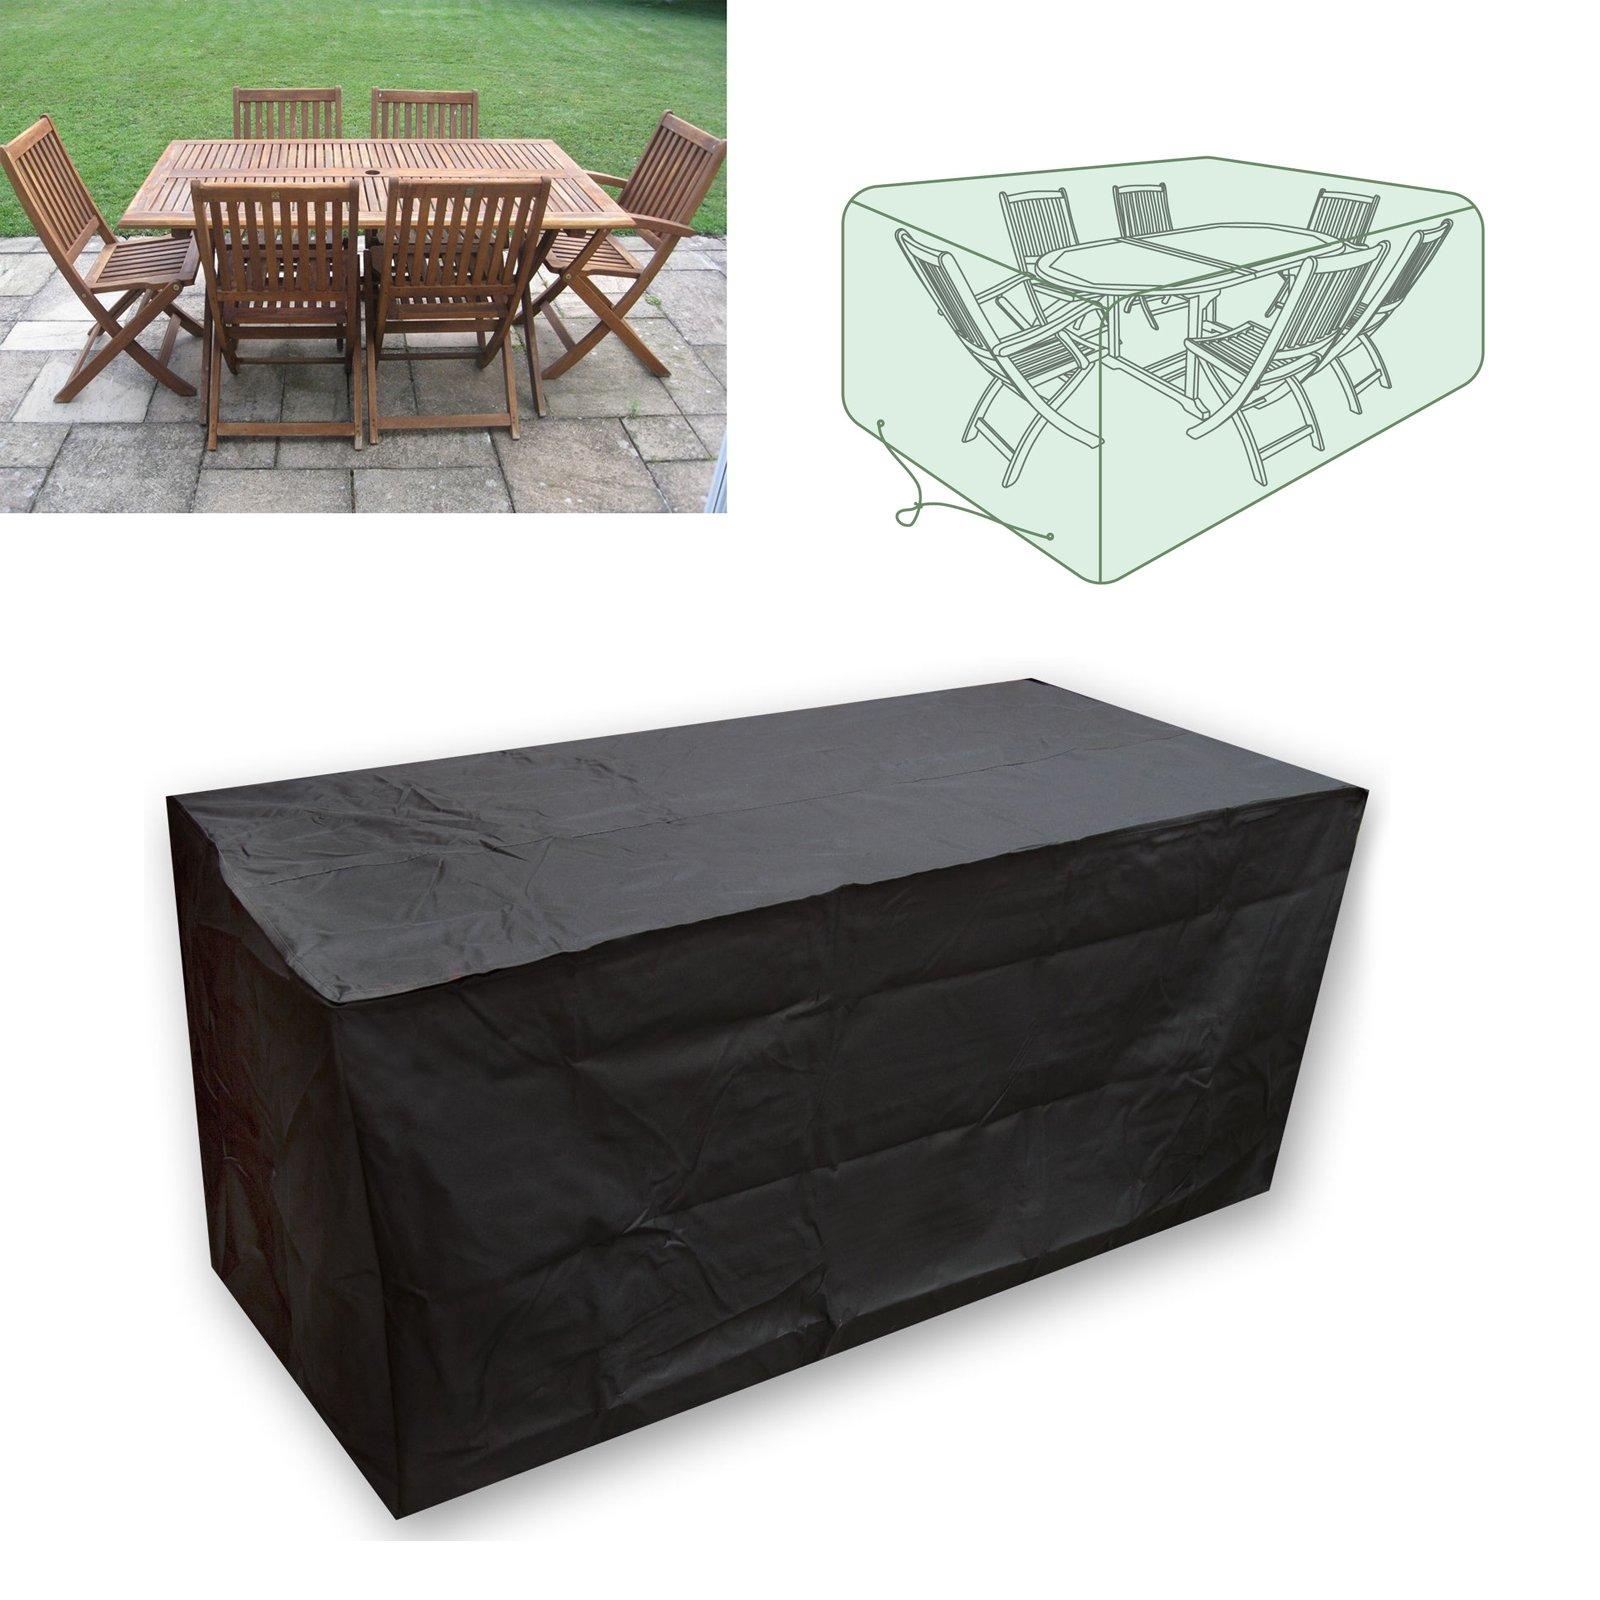 Conjunto de fundas para muebles de jardín, de Vinteky, con funda cubremesa y para bancos.: Amazon.es: Jardín